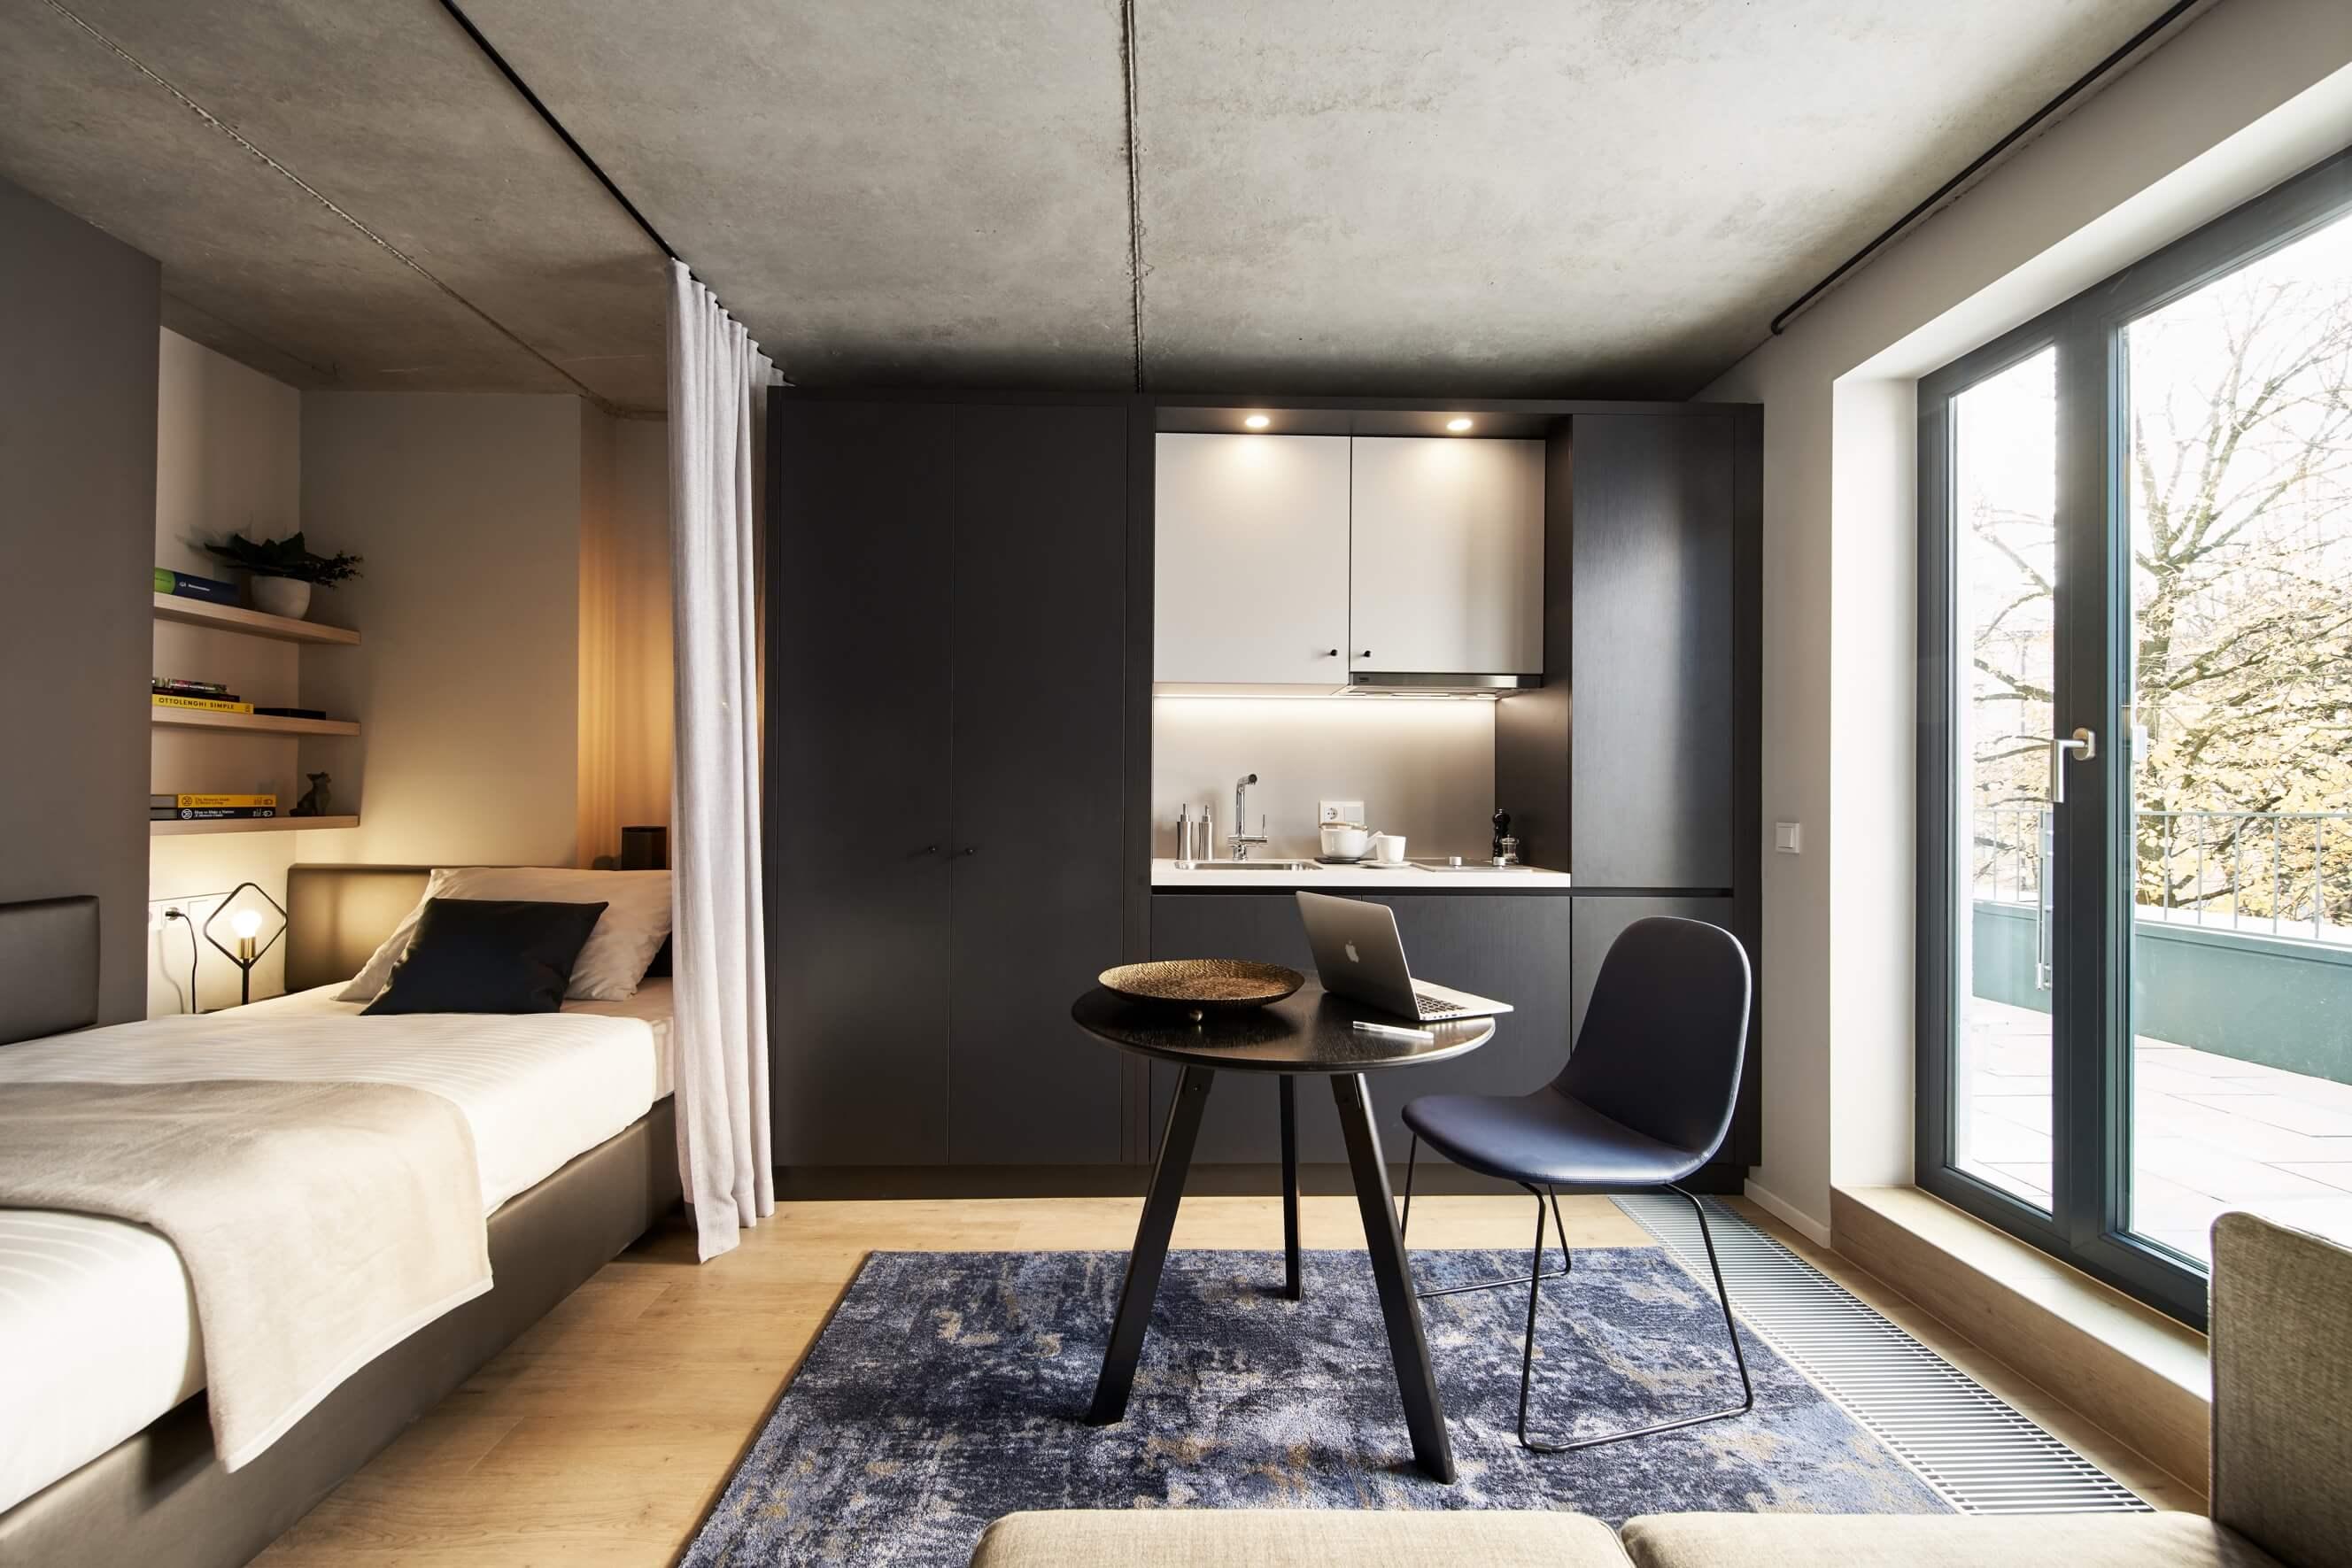 Vollausgestattetes Serviced Apartment in München mit Kitchenette